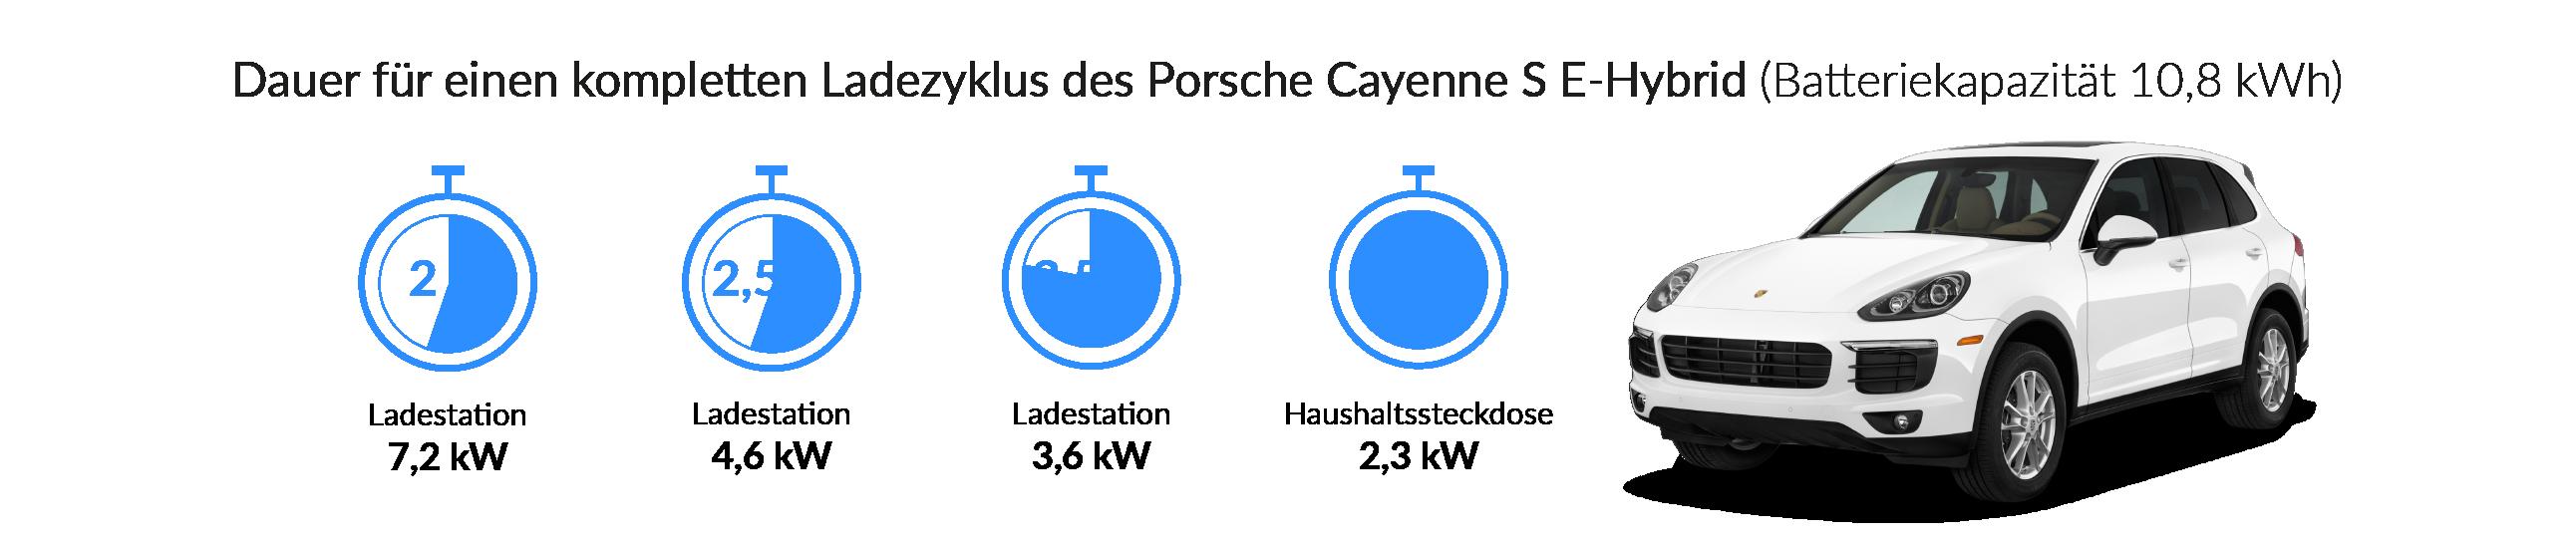 Ladezeiten des Porsche Cayenne S E-Hybrid